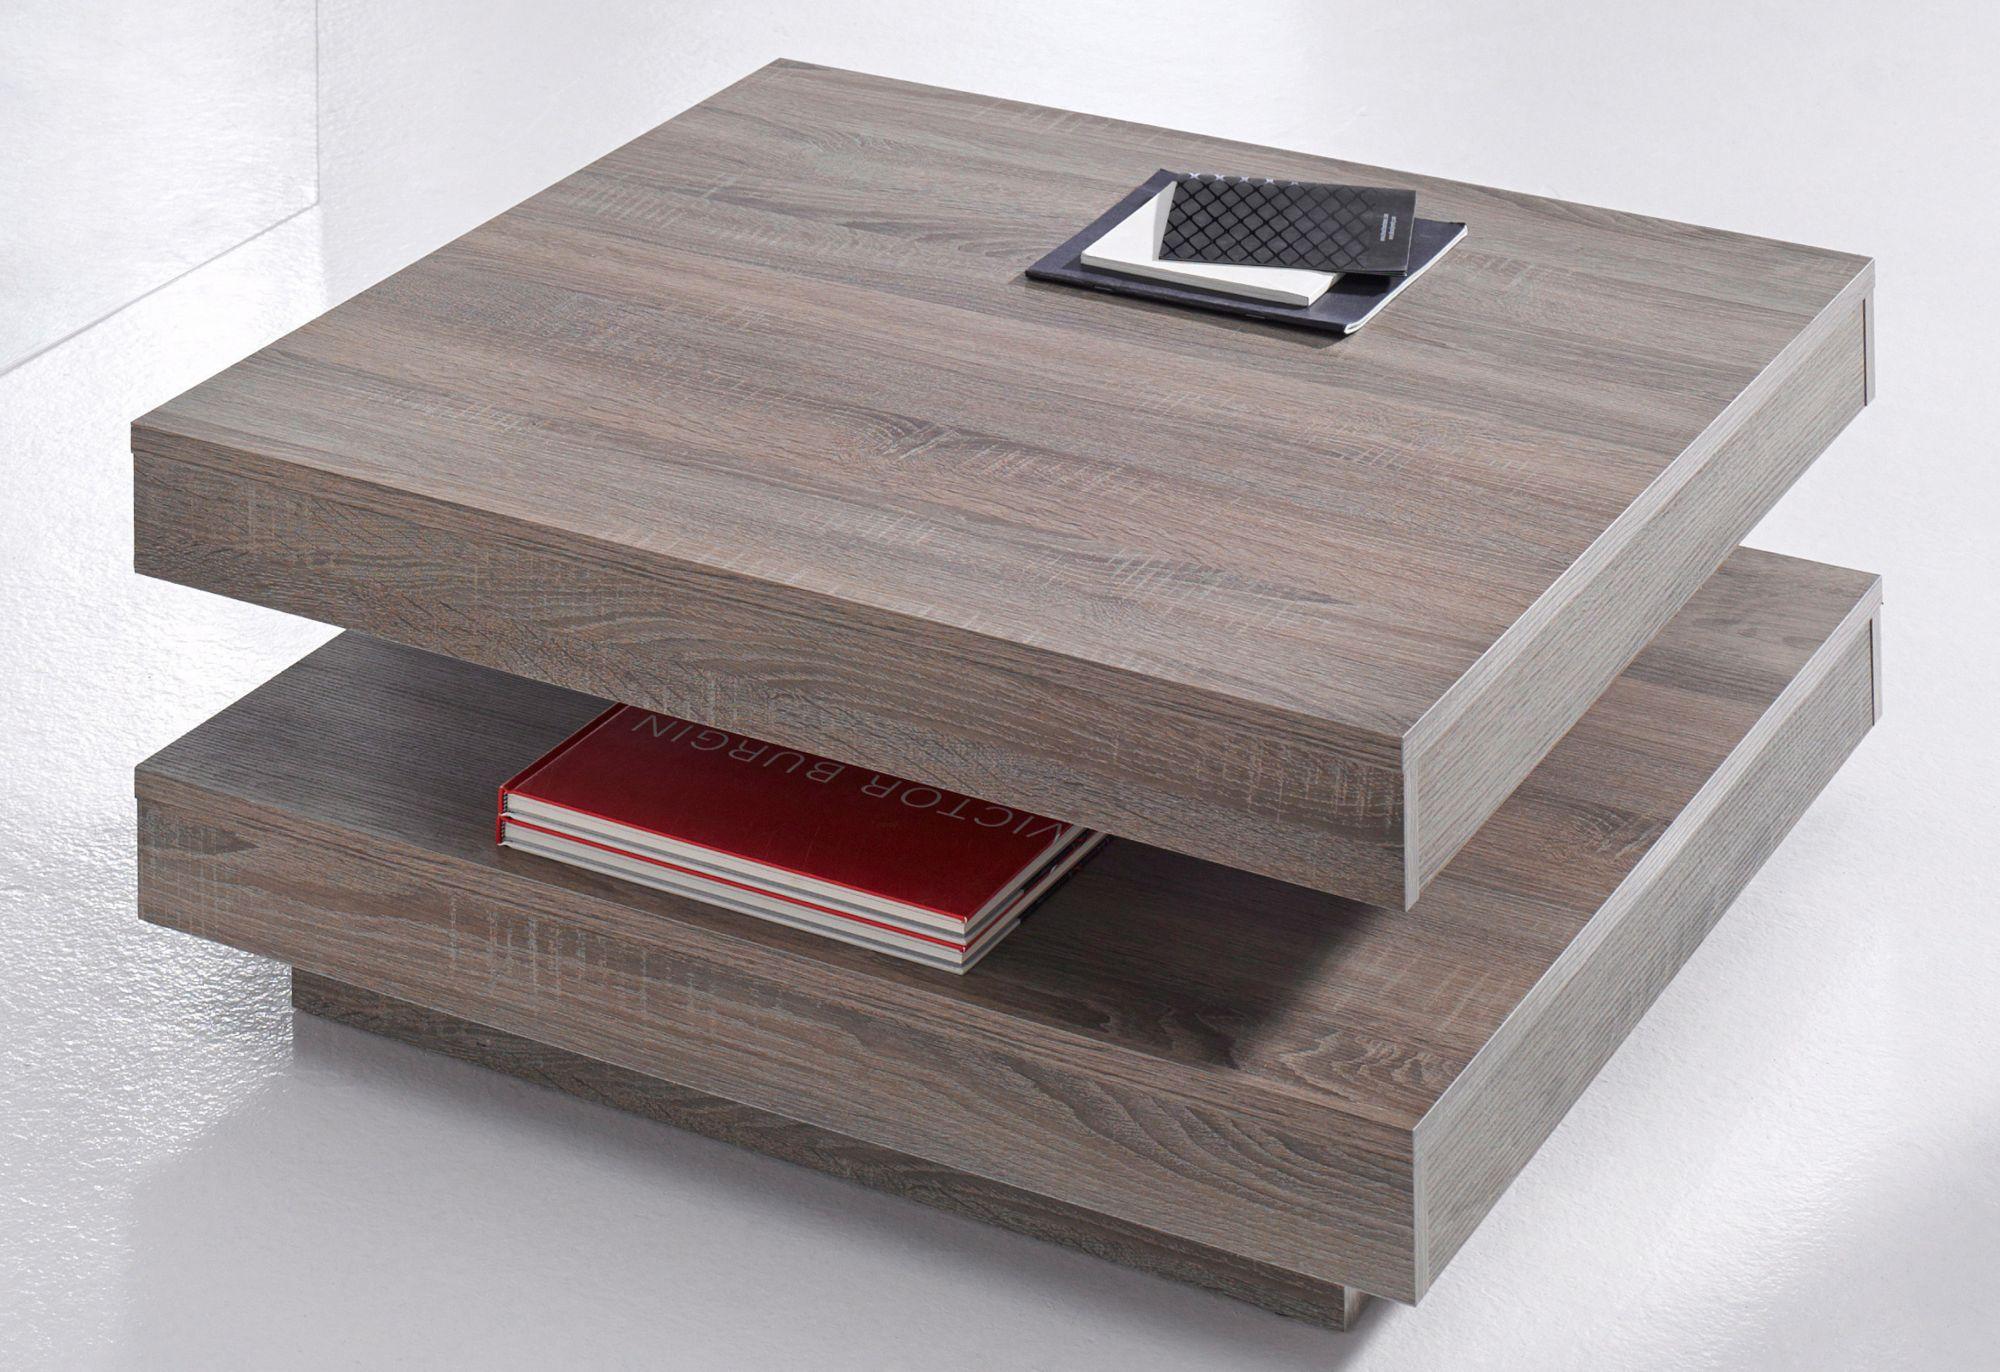 couchtisch funktion g nstig online kaufen beim schwab versand. Black Bedroom Furniture Sets. Home Design Ideas